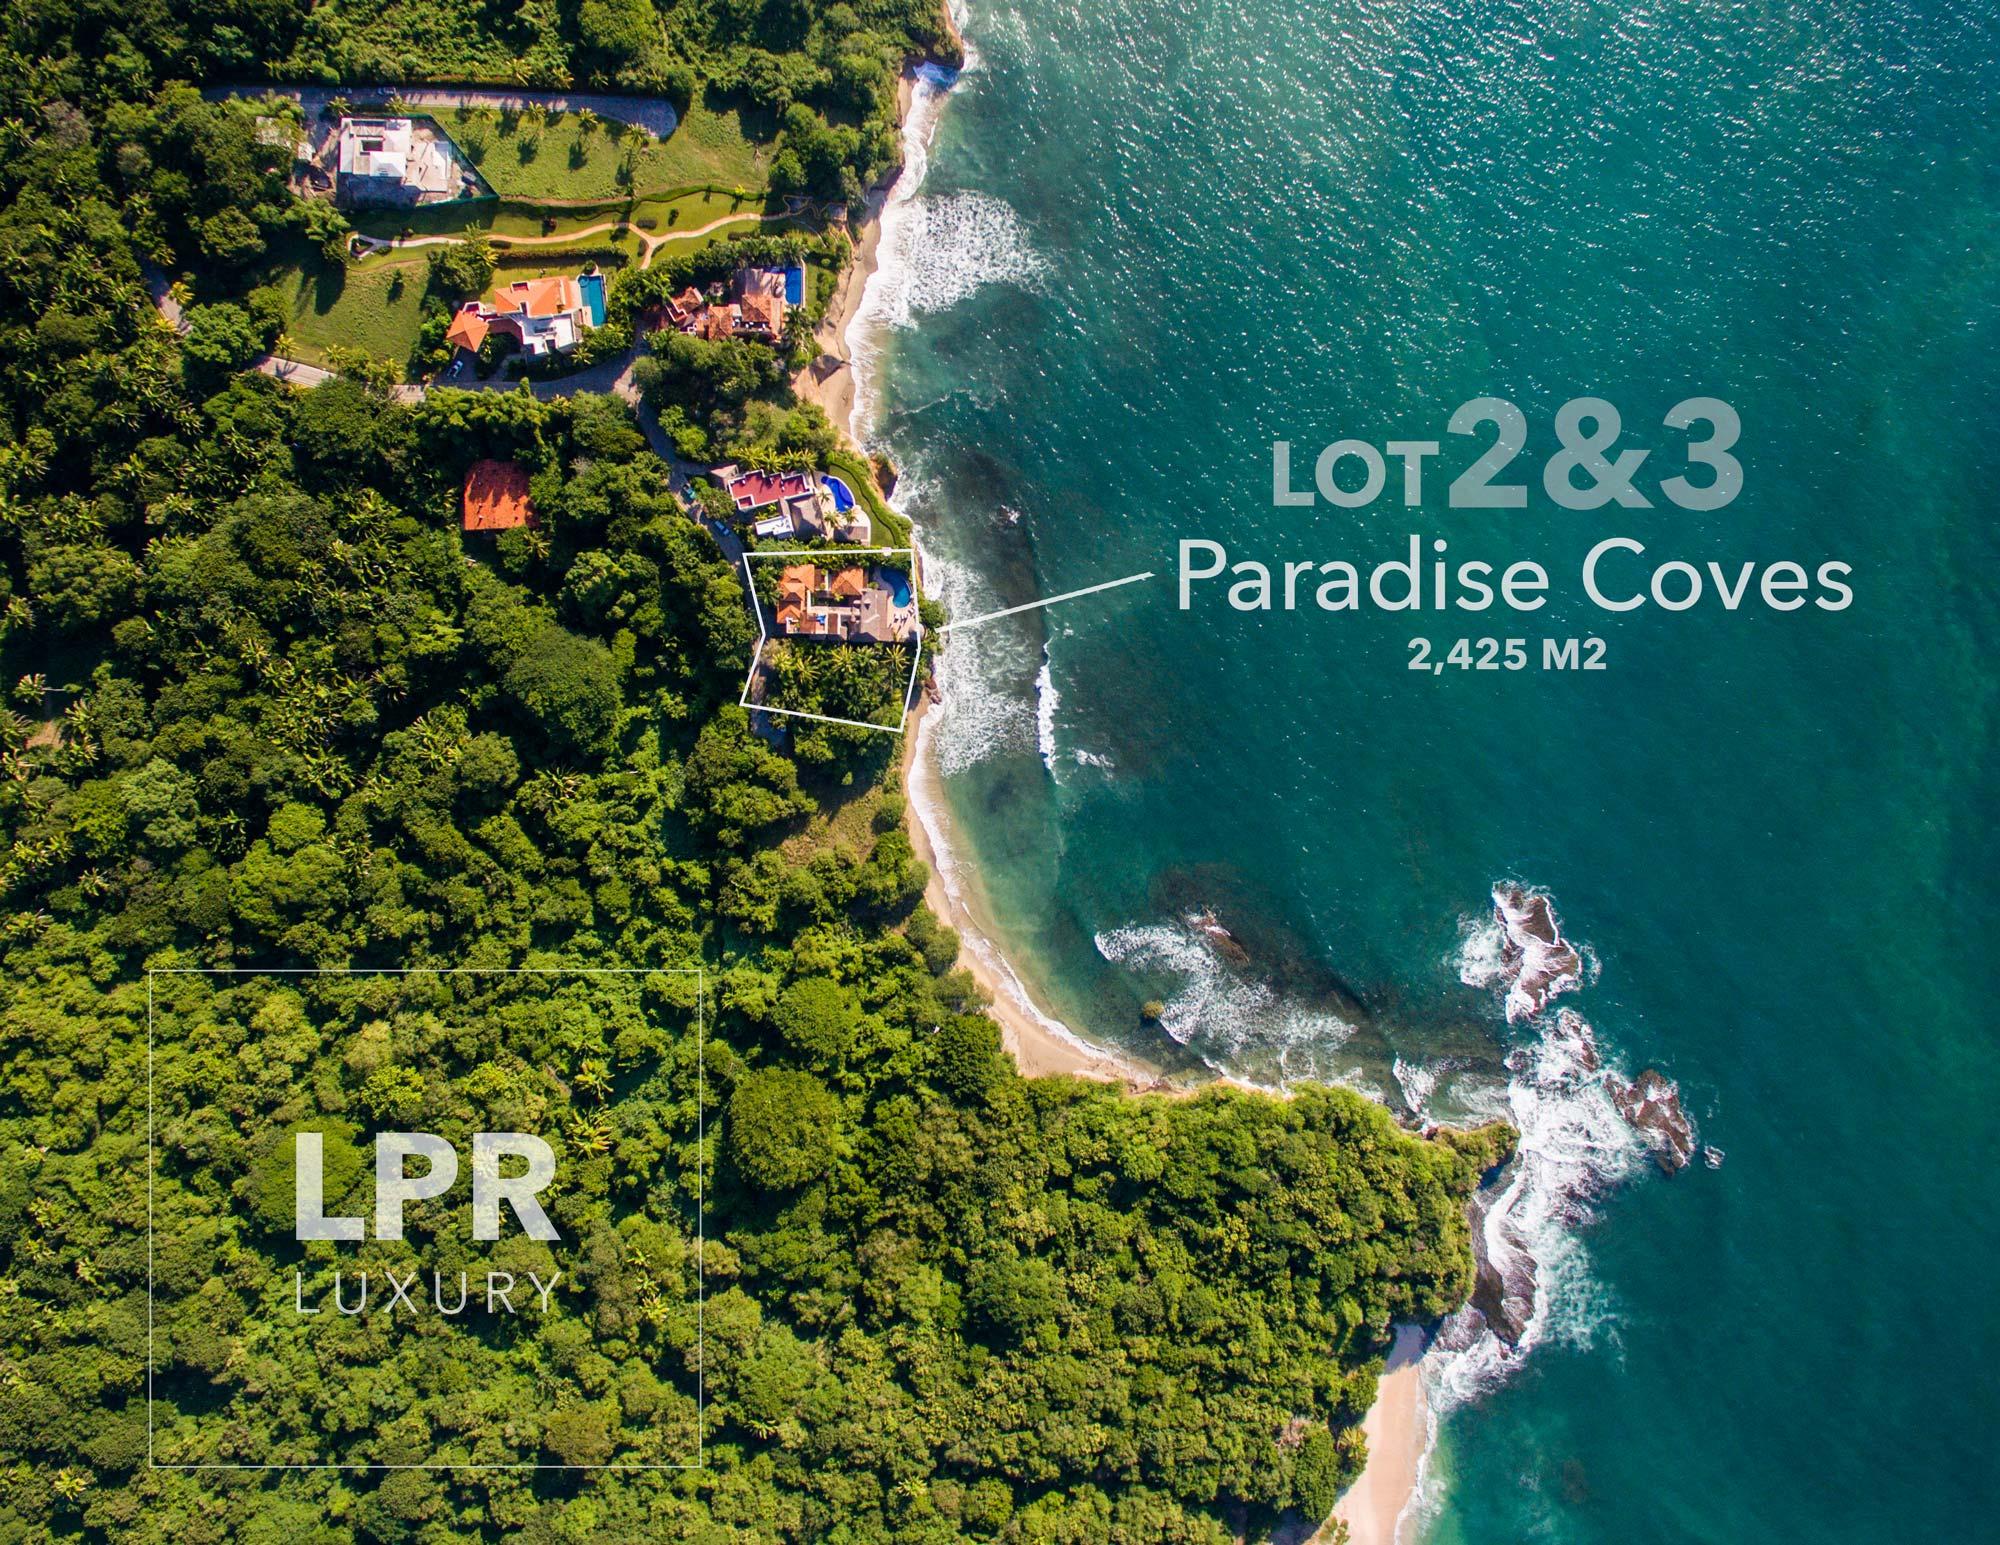 Paradise Coves lots 2 & 3 - Punta de Mita, Riviera Nayarit, Mexico